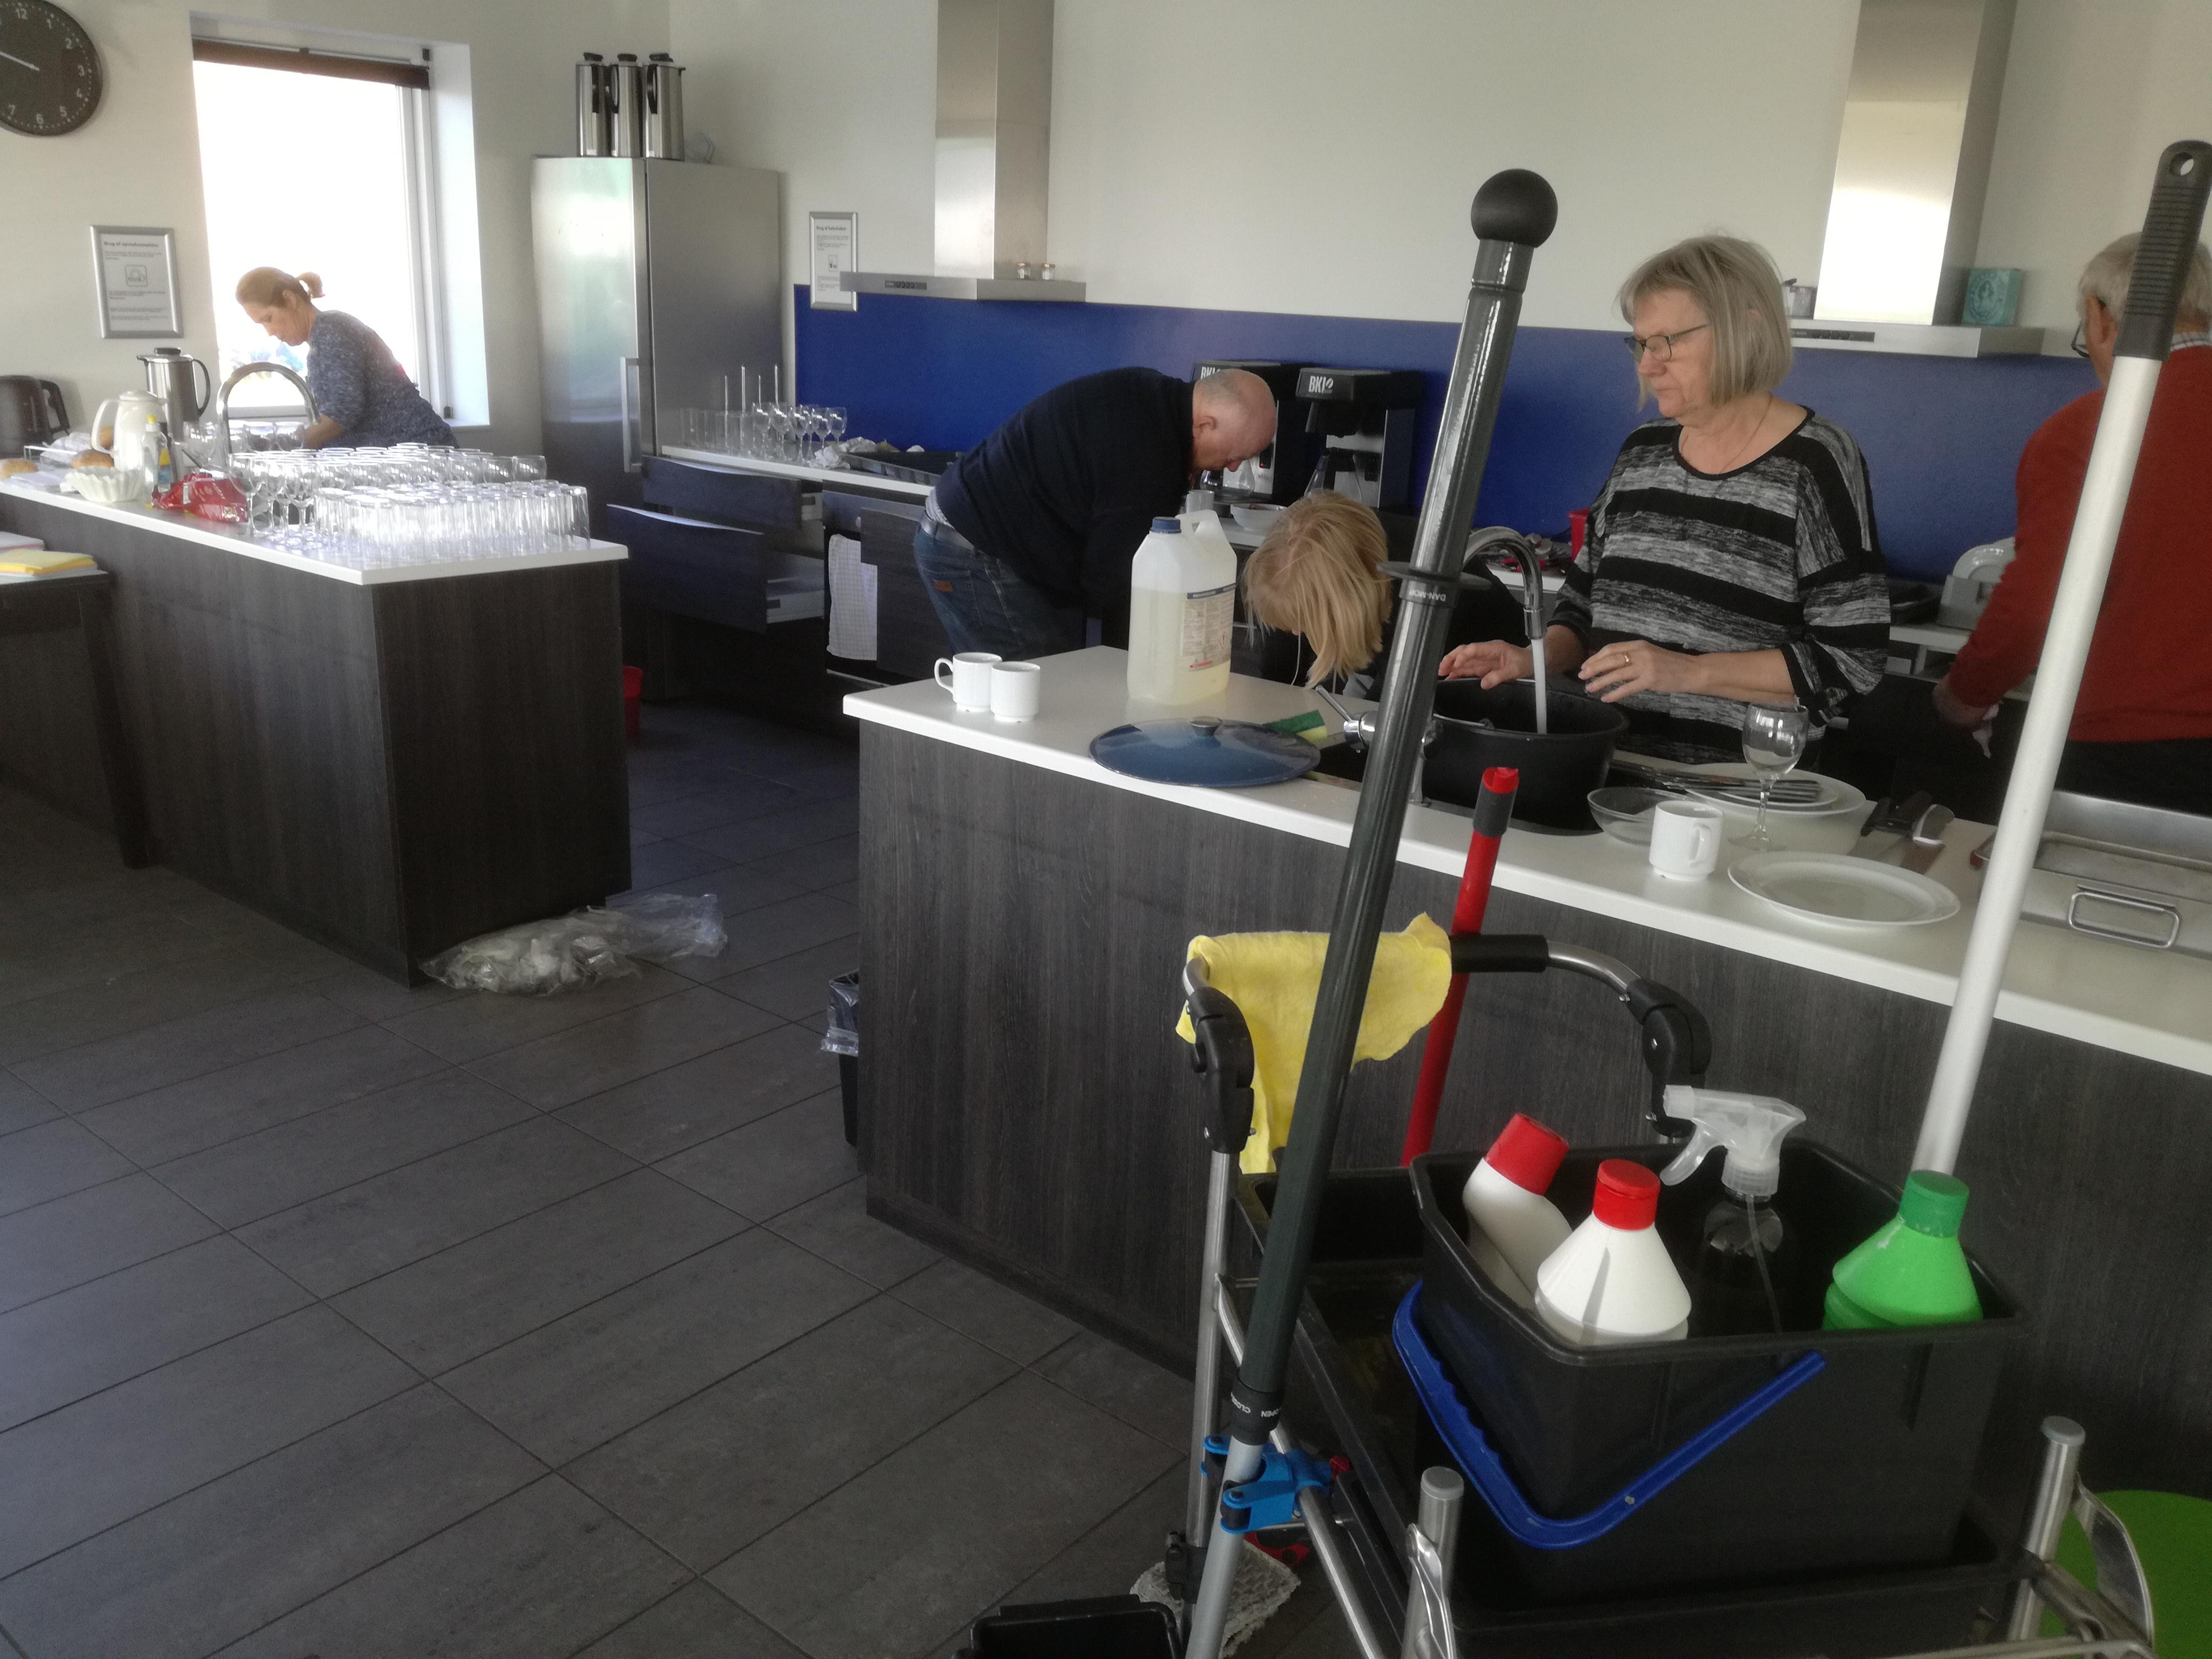 Forårsrengøring i Havnehuset - hovedrengøring i køkken